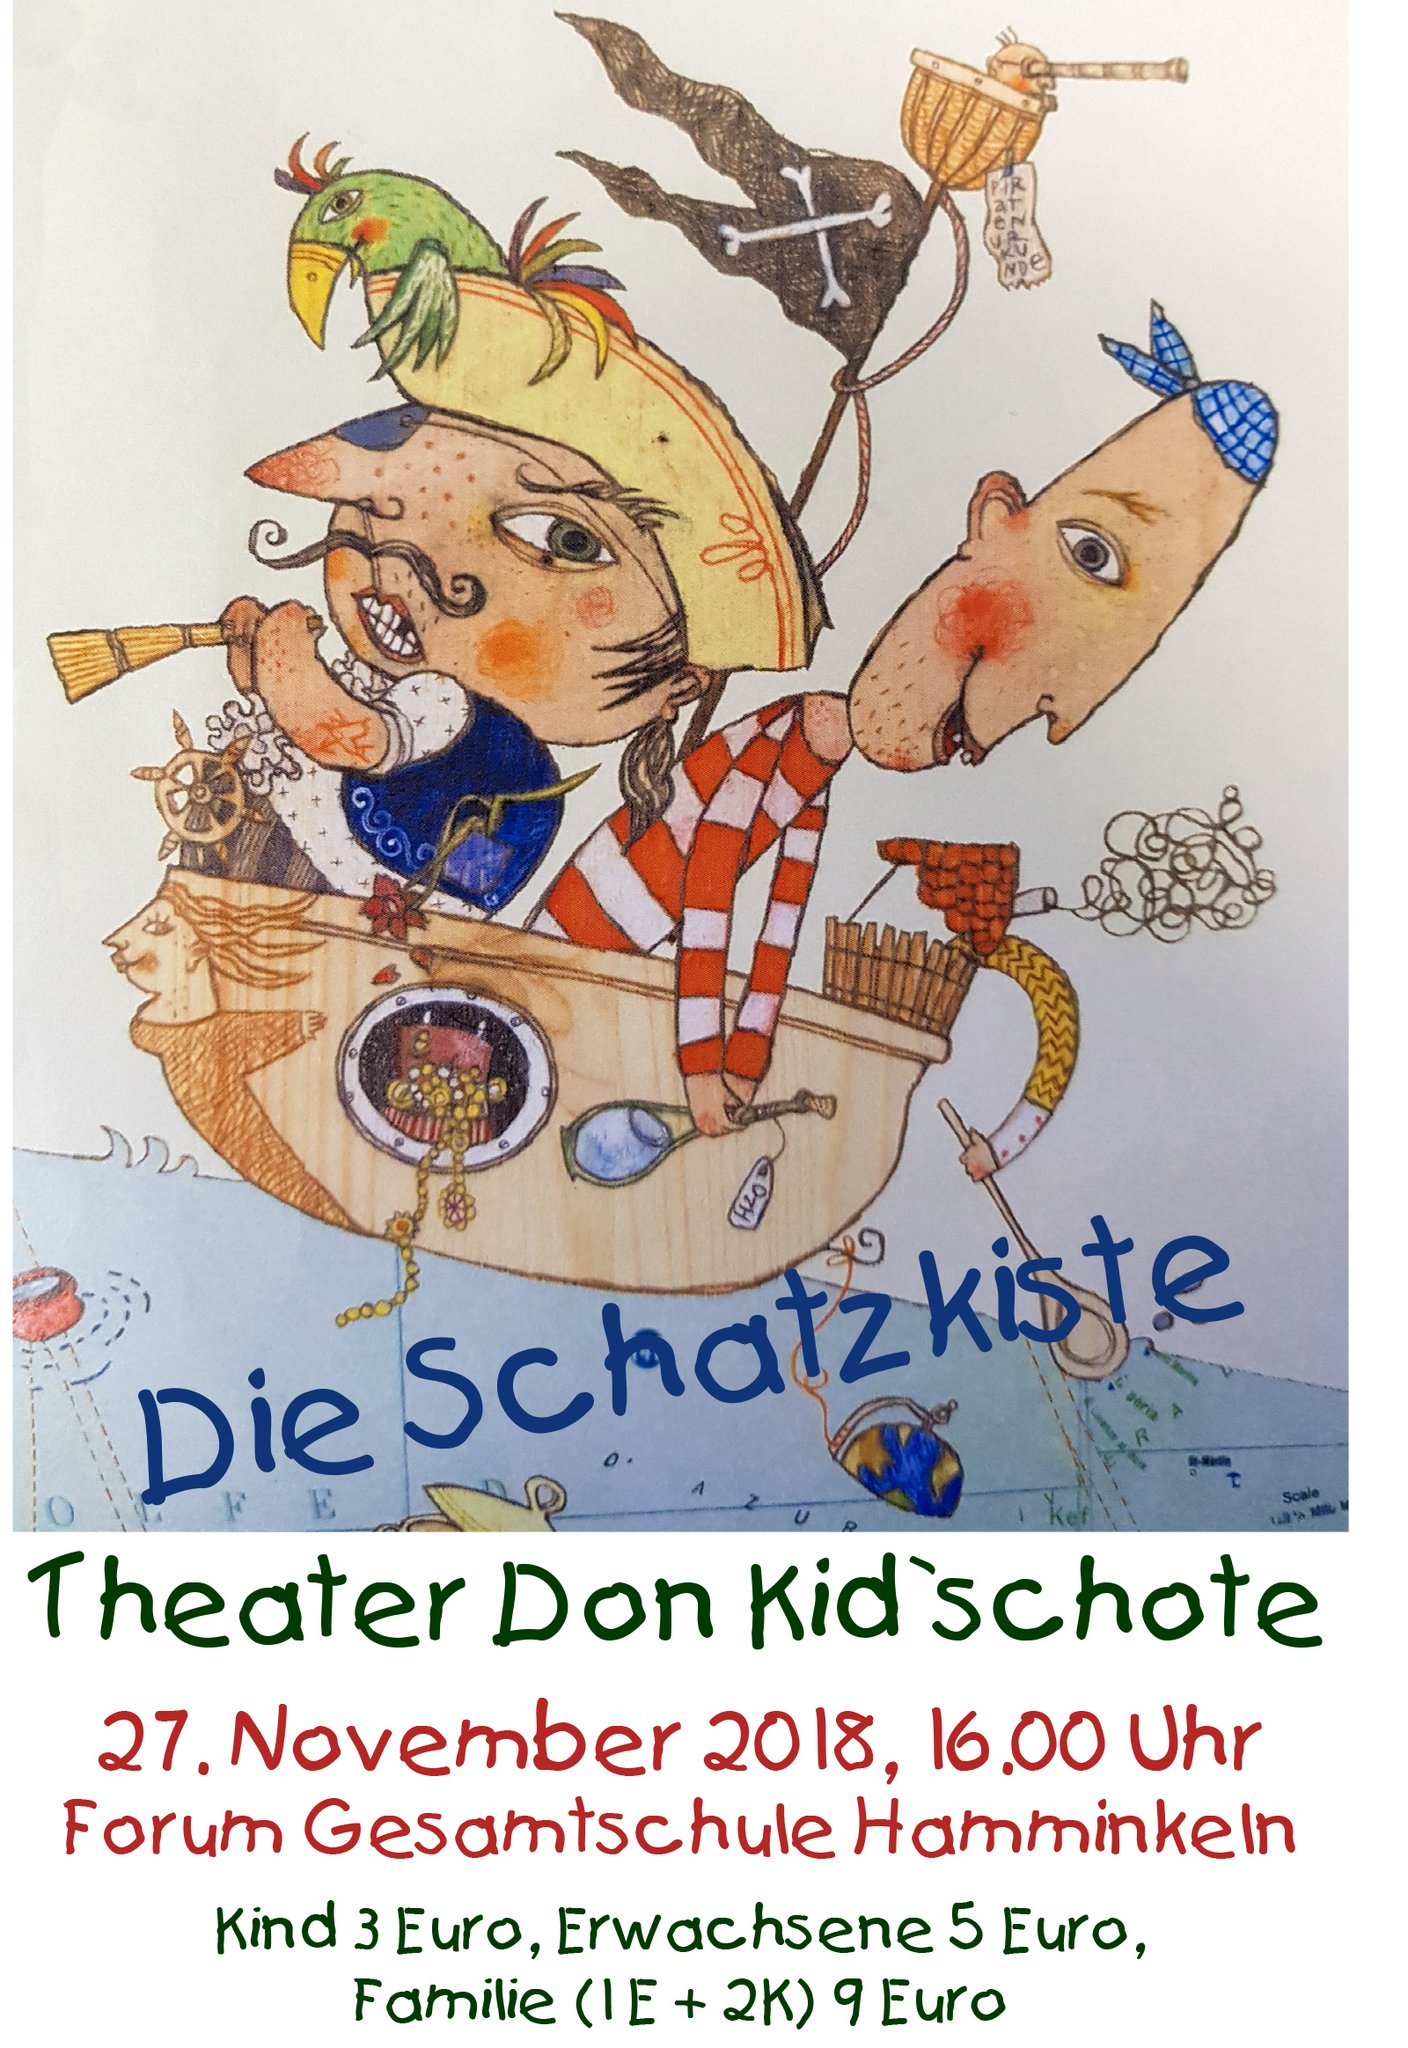 Theater Für Kinder Don Kidschote Im Forum Der Gesamtschule